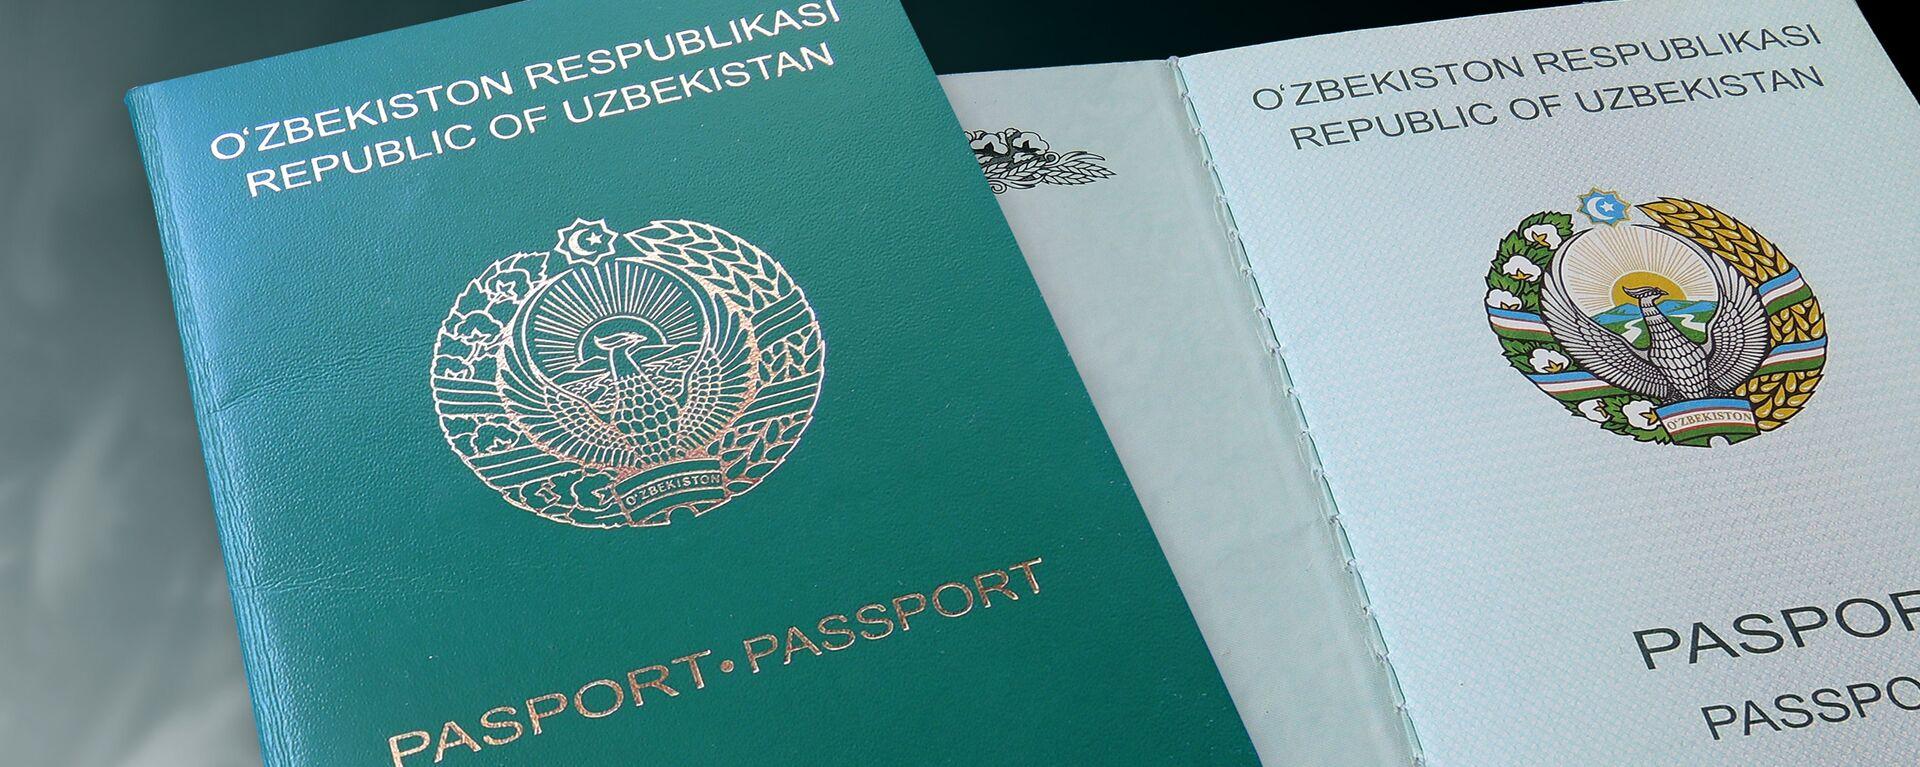 Паспорт гражданина Узбекистана - Sputnik Узбекистан, 1920, 26.02.2020